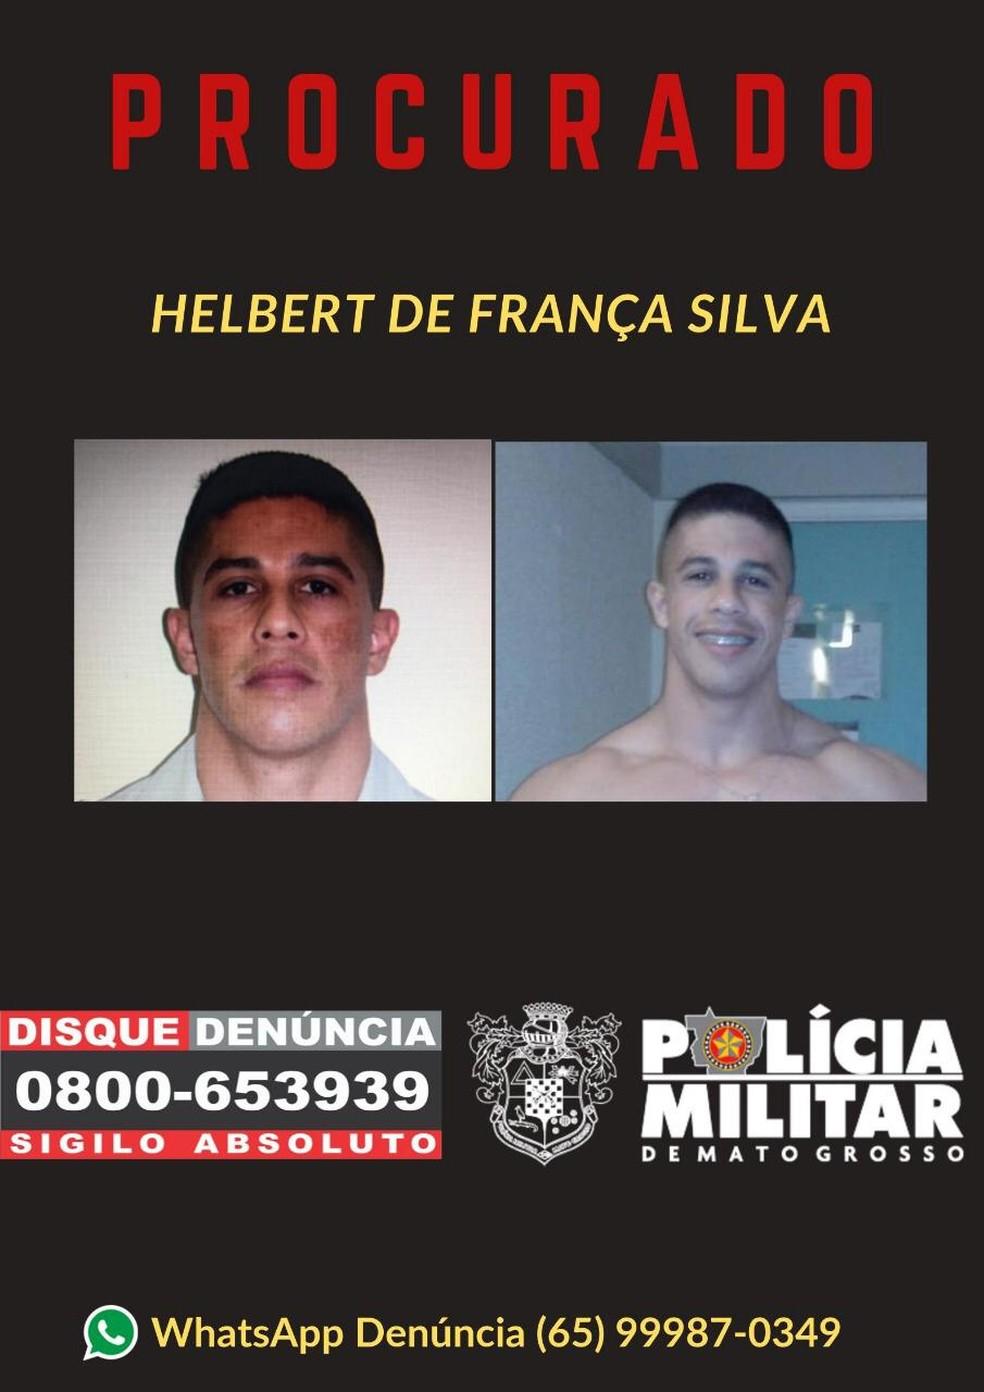 Helbert de França Silva foi condenado a mais de 100 anos de prisão. — Foto: PM-MT